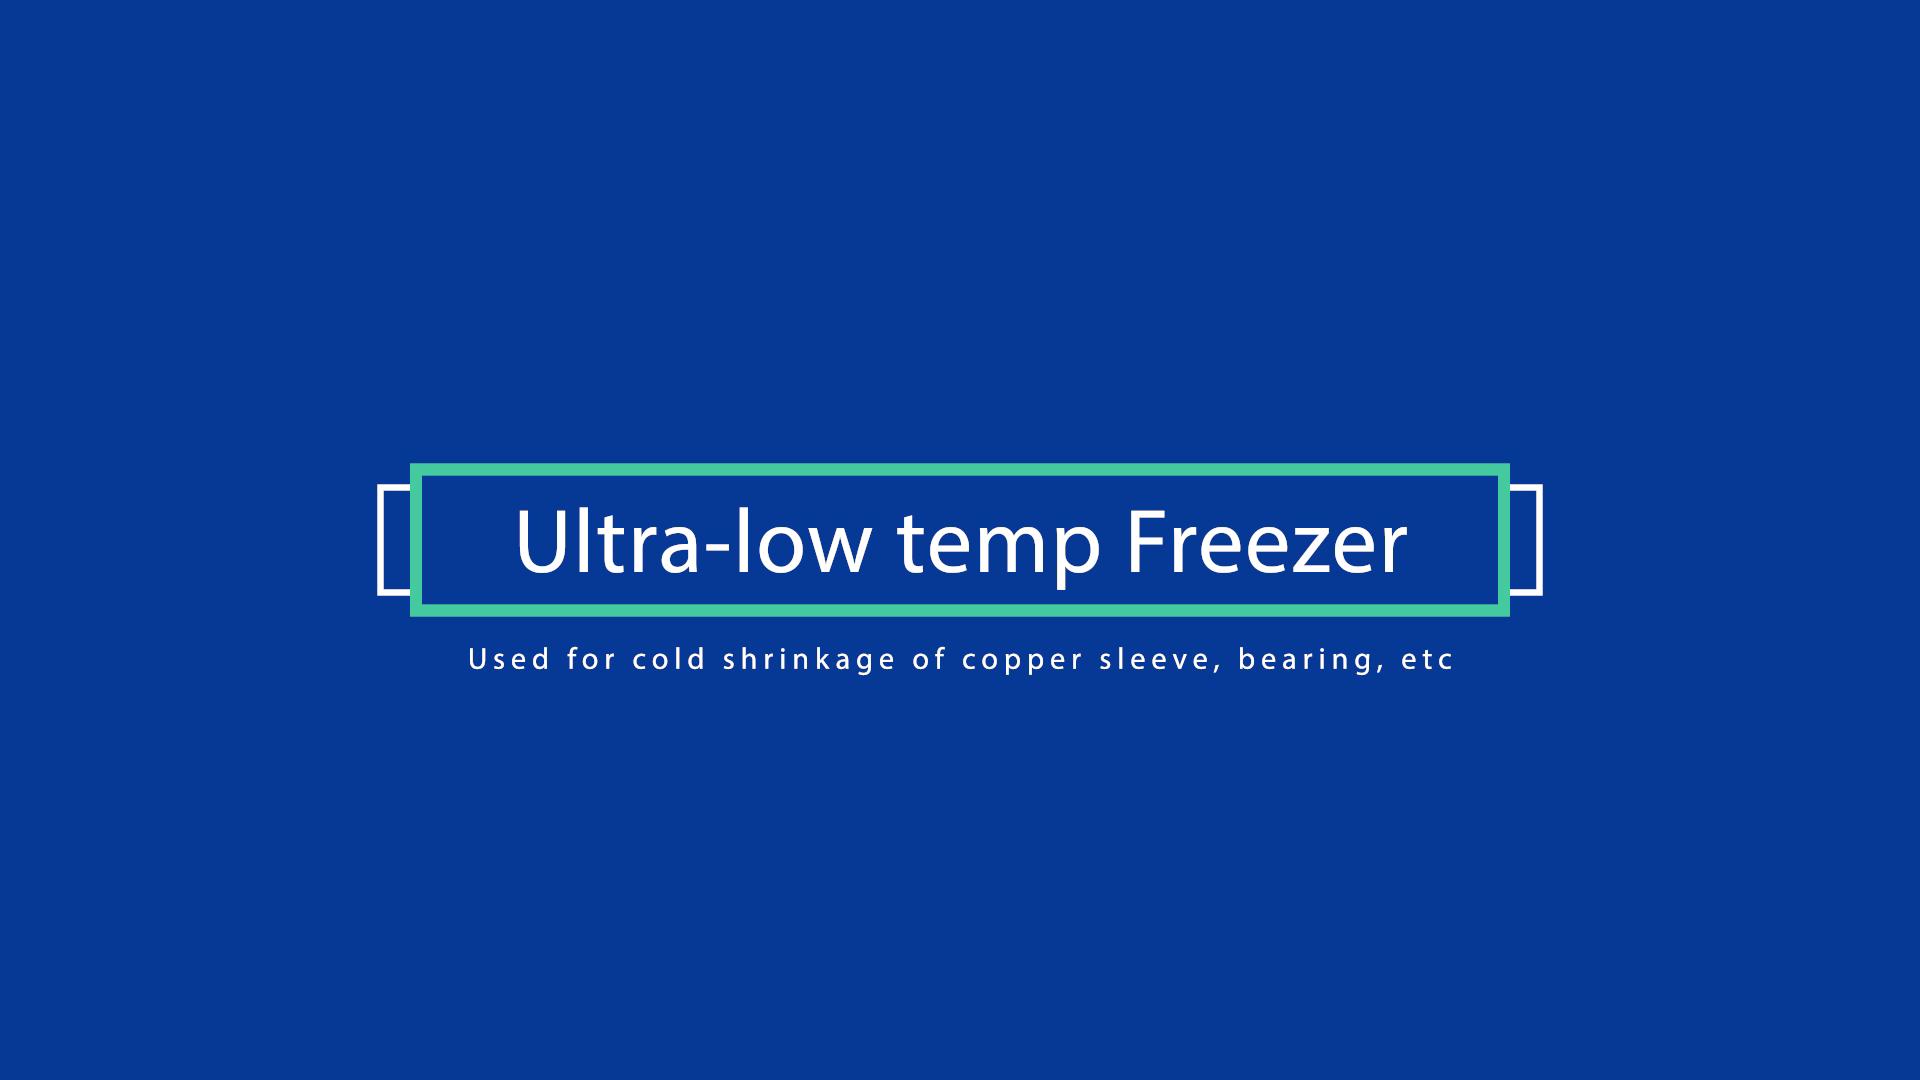 Cinese fornitore industriale congelatore petto tipo di-65 gradi a-10 gradi automotive